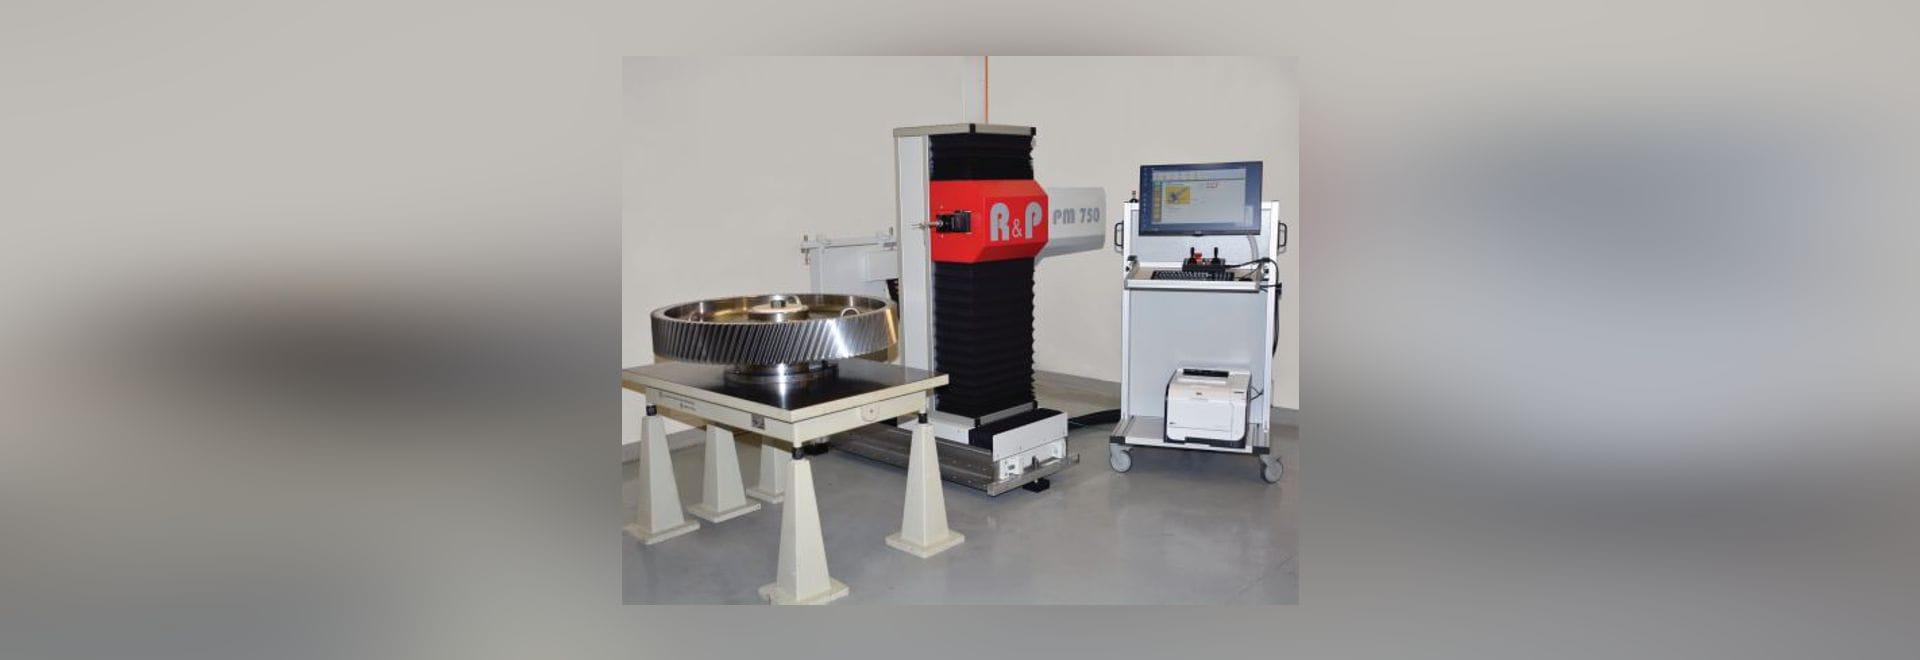 Le P.M. 750 de la métrologie de R&P est un dispositif portatif utilisé pour mesurer de grandes parties sur des machines de production manquant de l'inspection à bord. Un système d'amarrage avec...